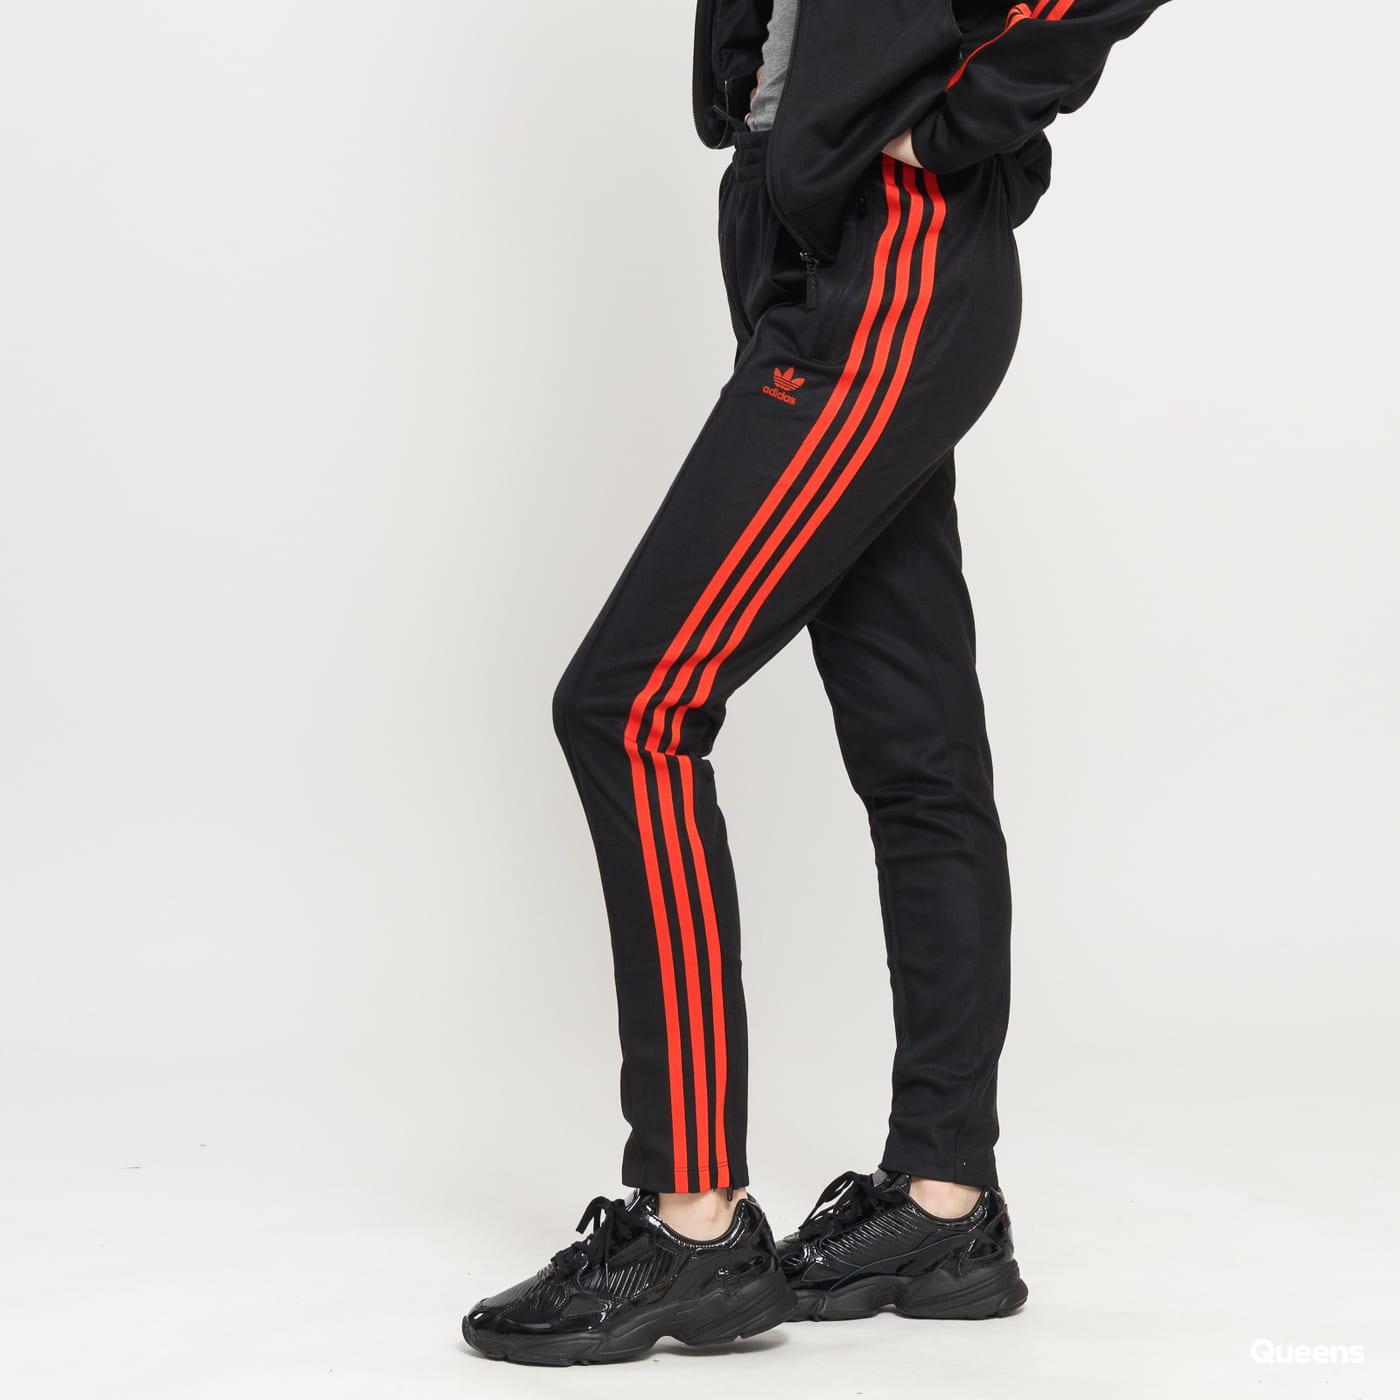 c42d7f98f8 Tepláky adidas Originals SST Track Pants (DU9948) – Queens 💚